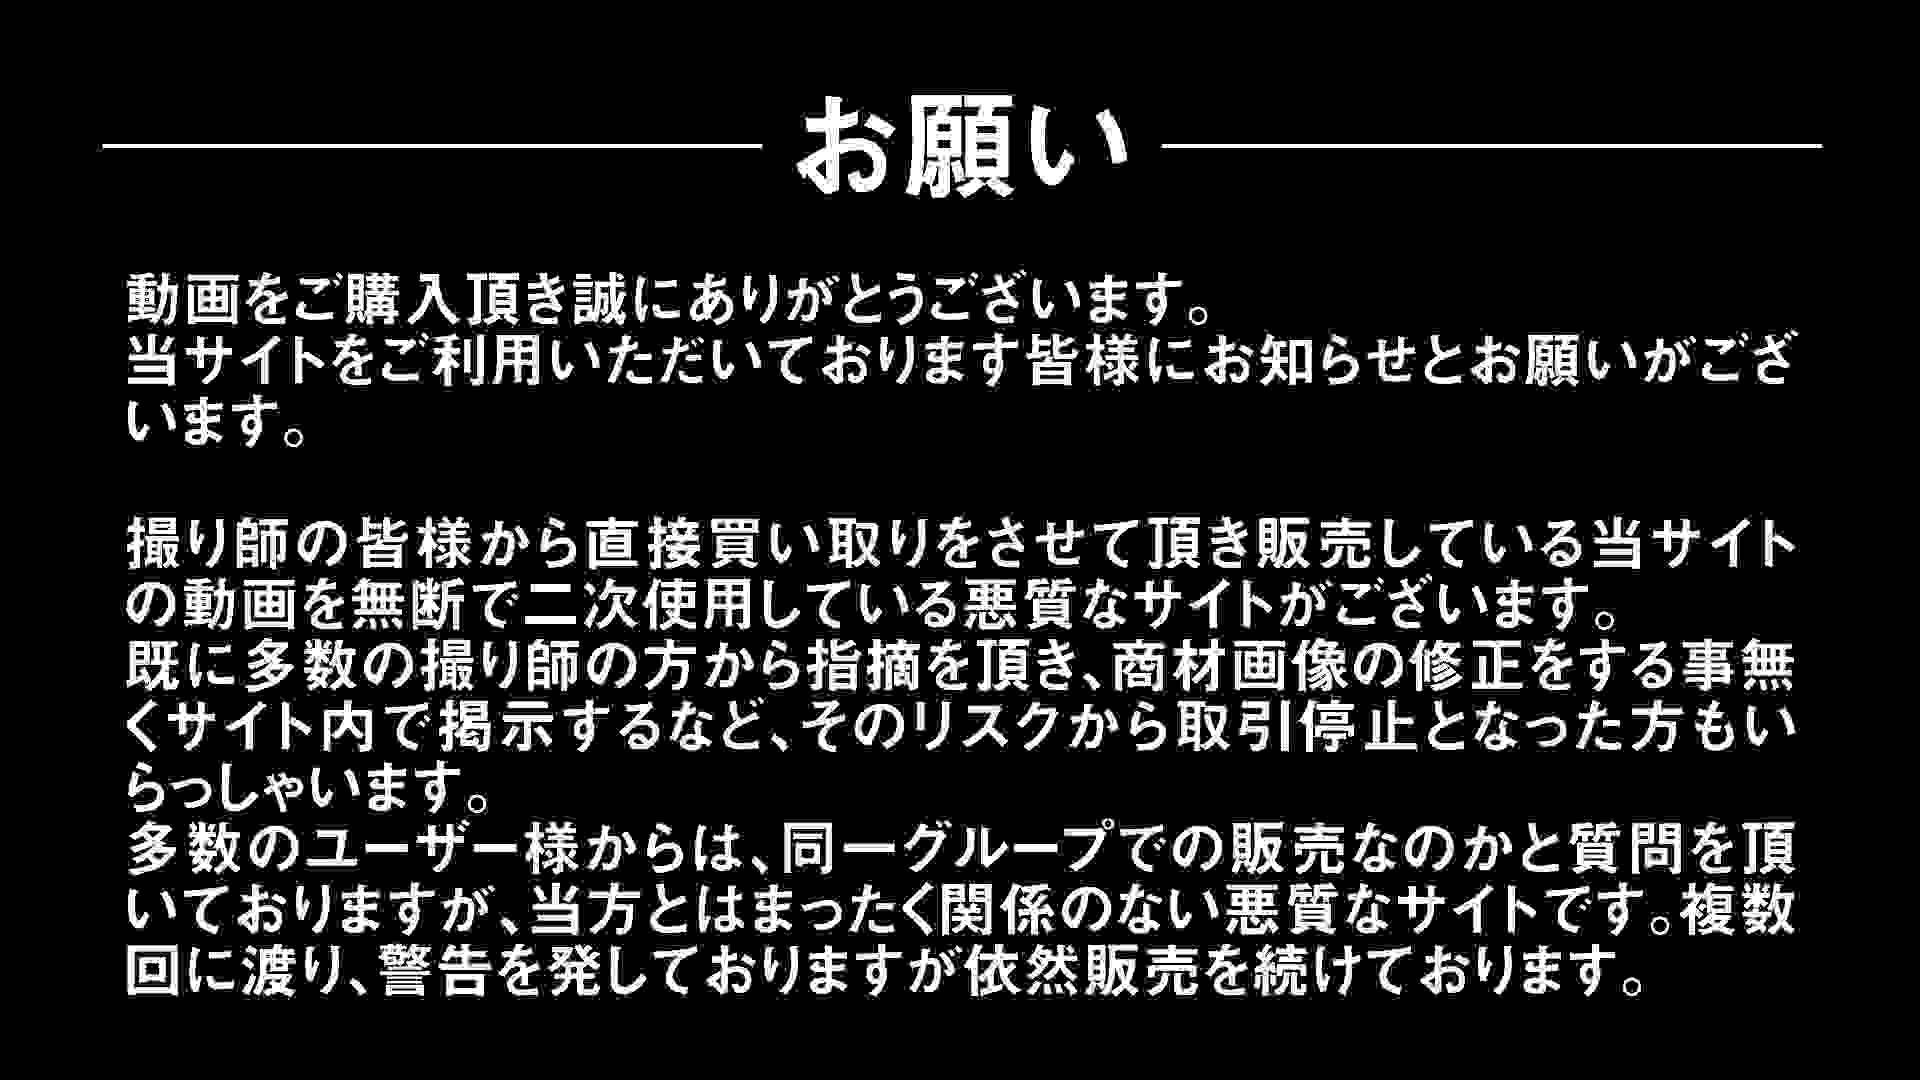 Aquaな露天風呂Vol.296 盗撮シリーズ  102PIX 16